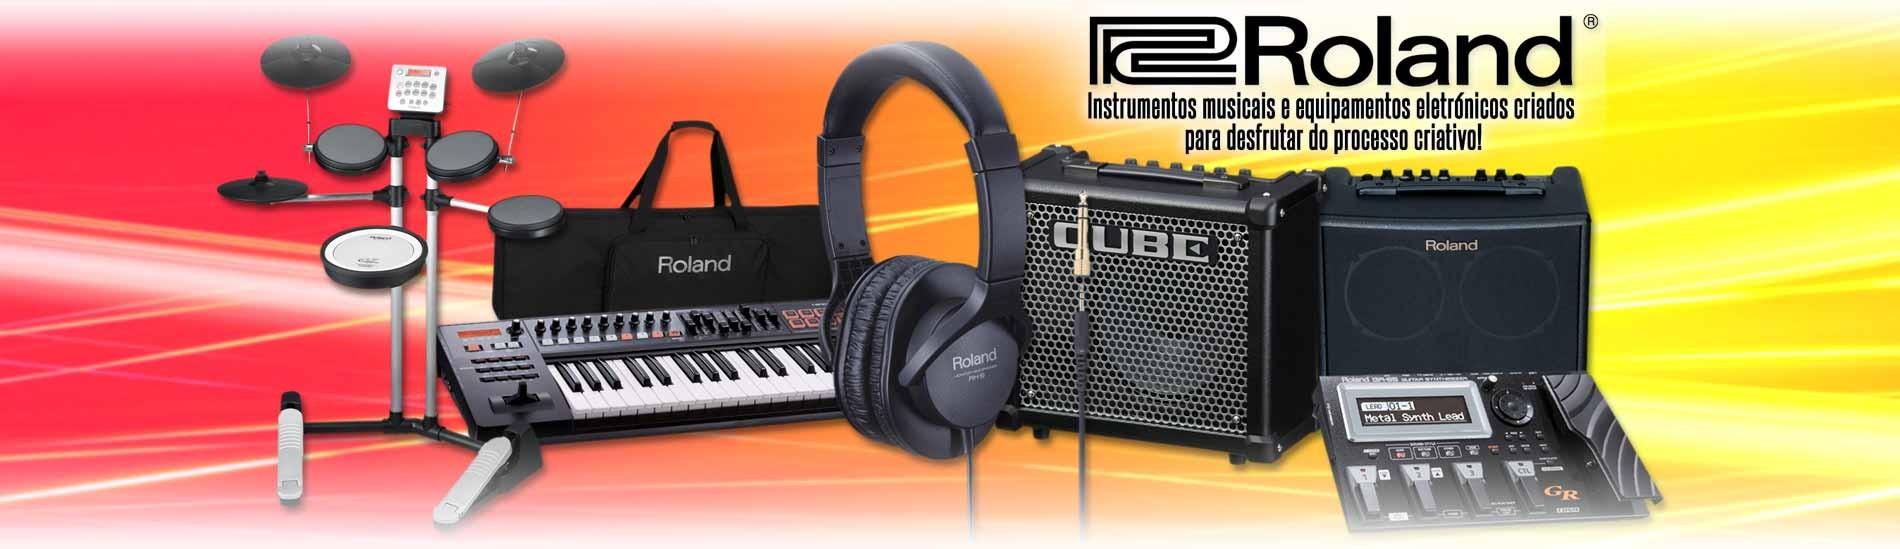 Roland - Instrumentos musicais e equipamentos eletrónicos